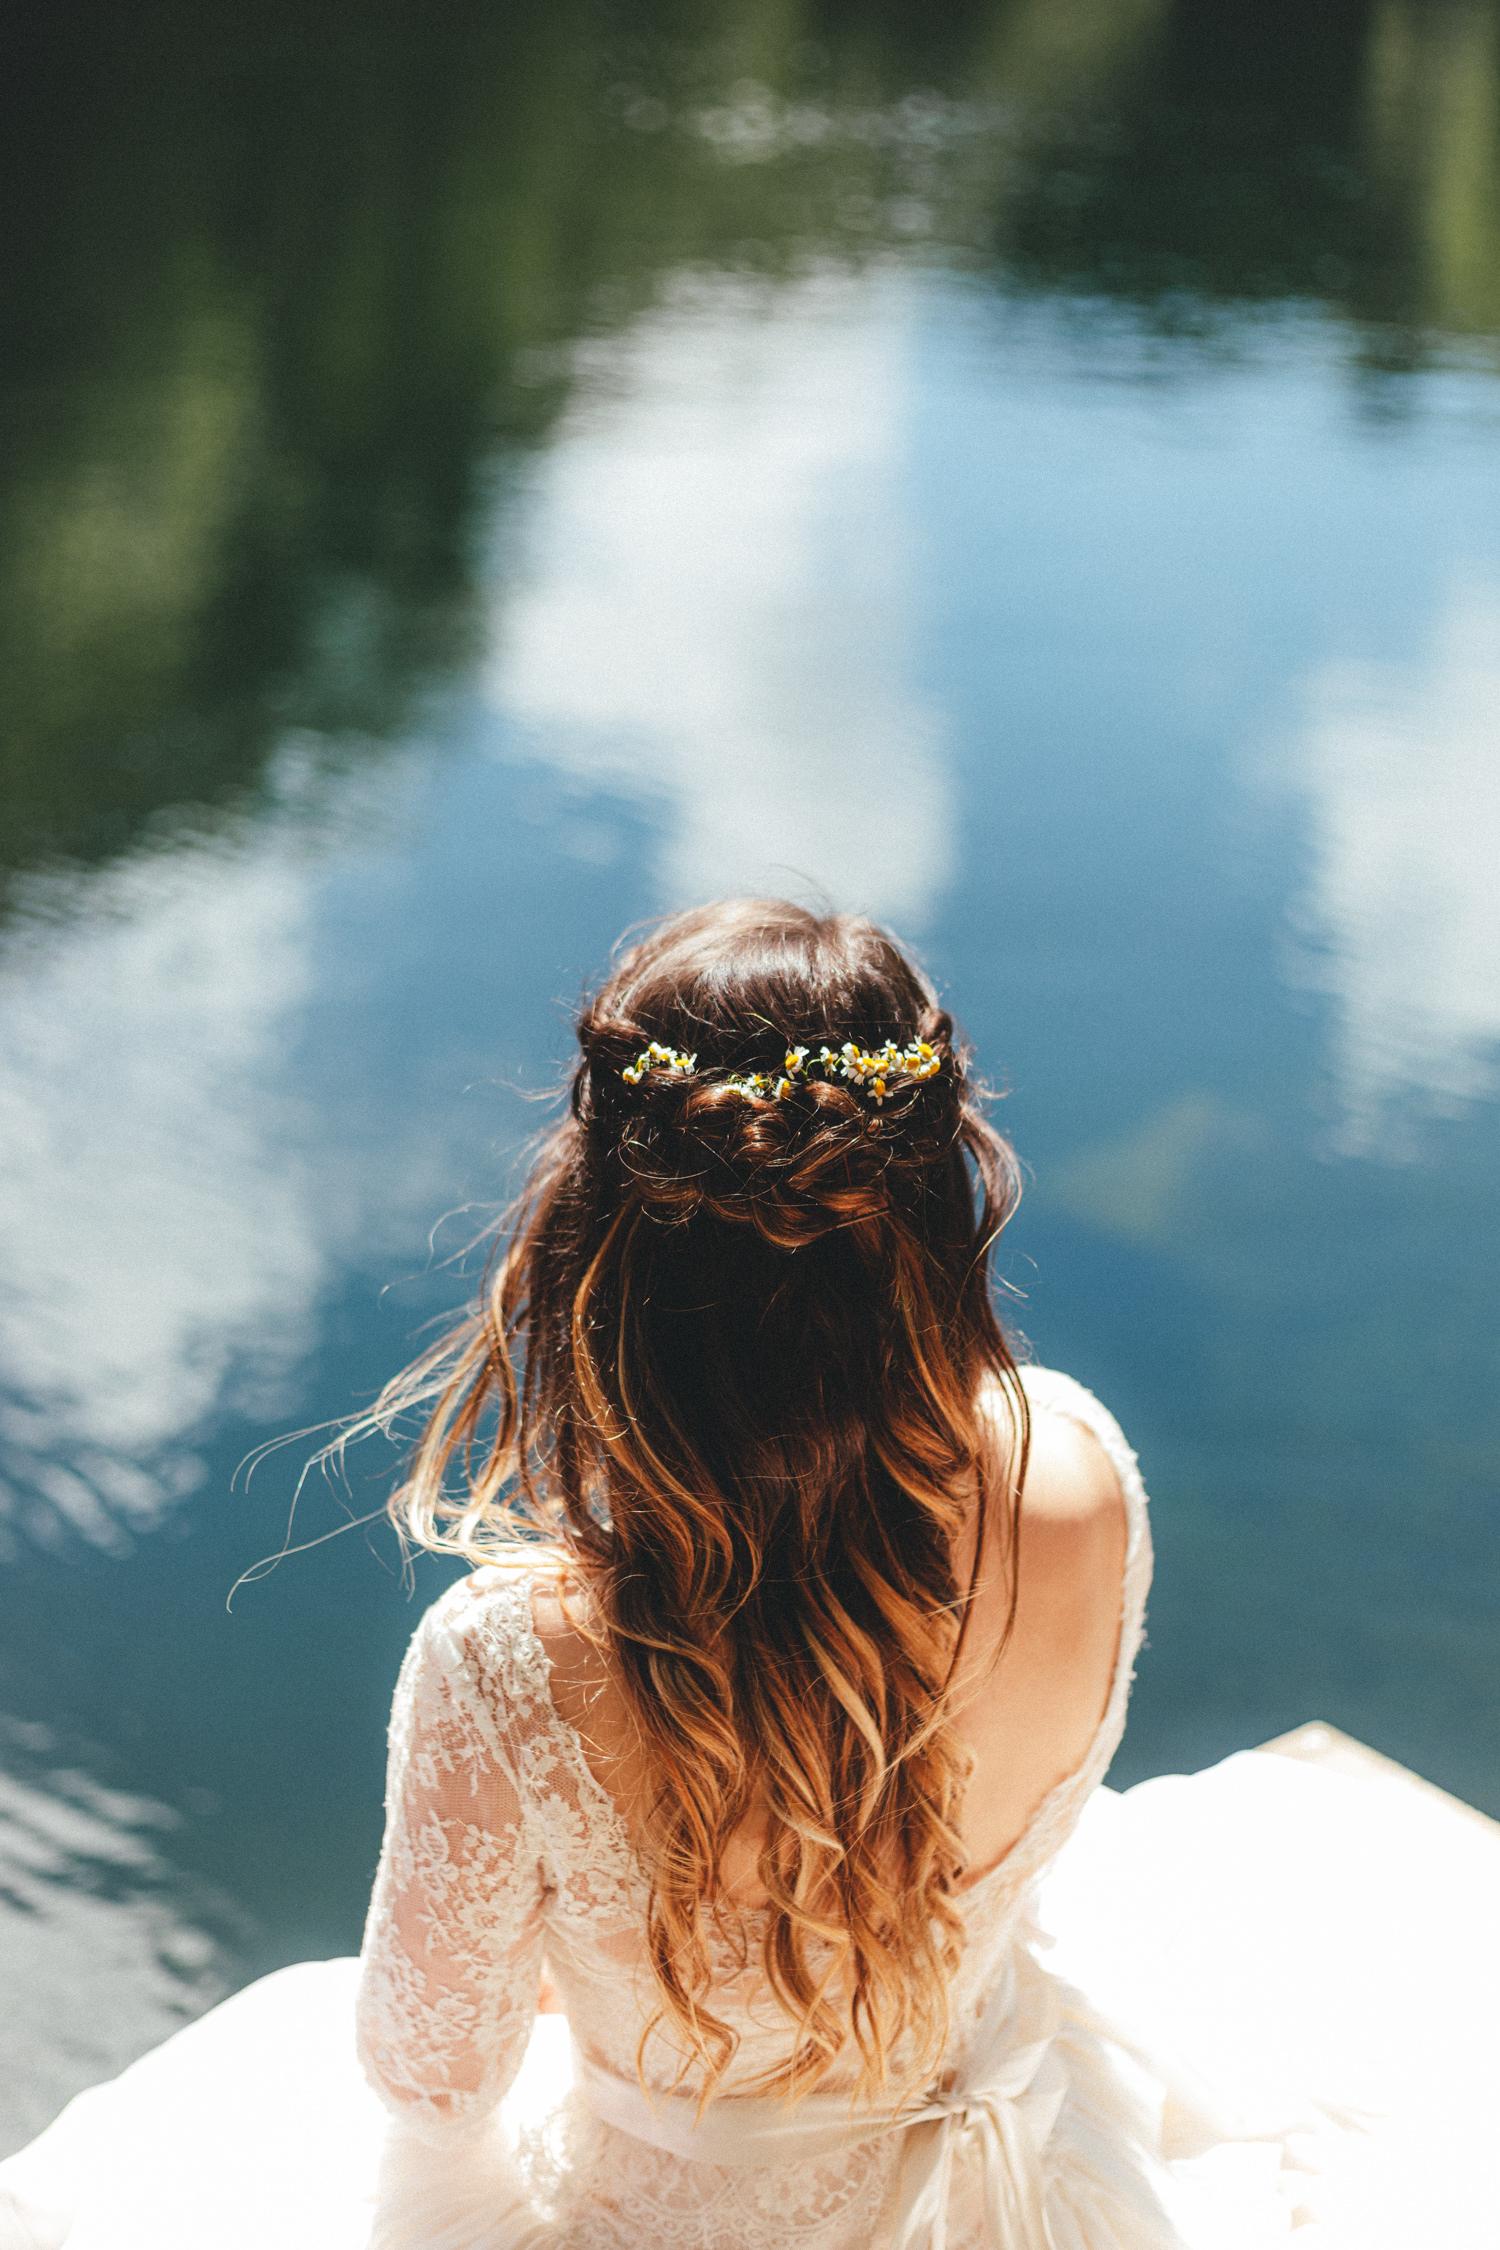 bridal hair, mermaid hair, daisies in hair, Cornish Tipi Wedding Photographer, Cornish Tipi Weddings, Wedding Photography at Cornish Tipi weddings, lakeside portraits